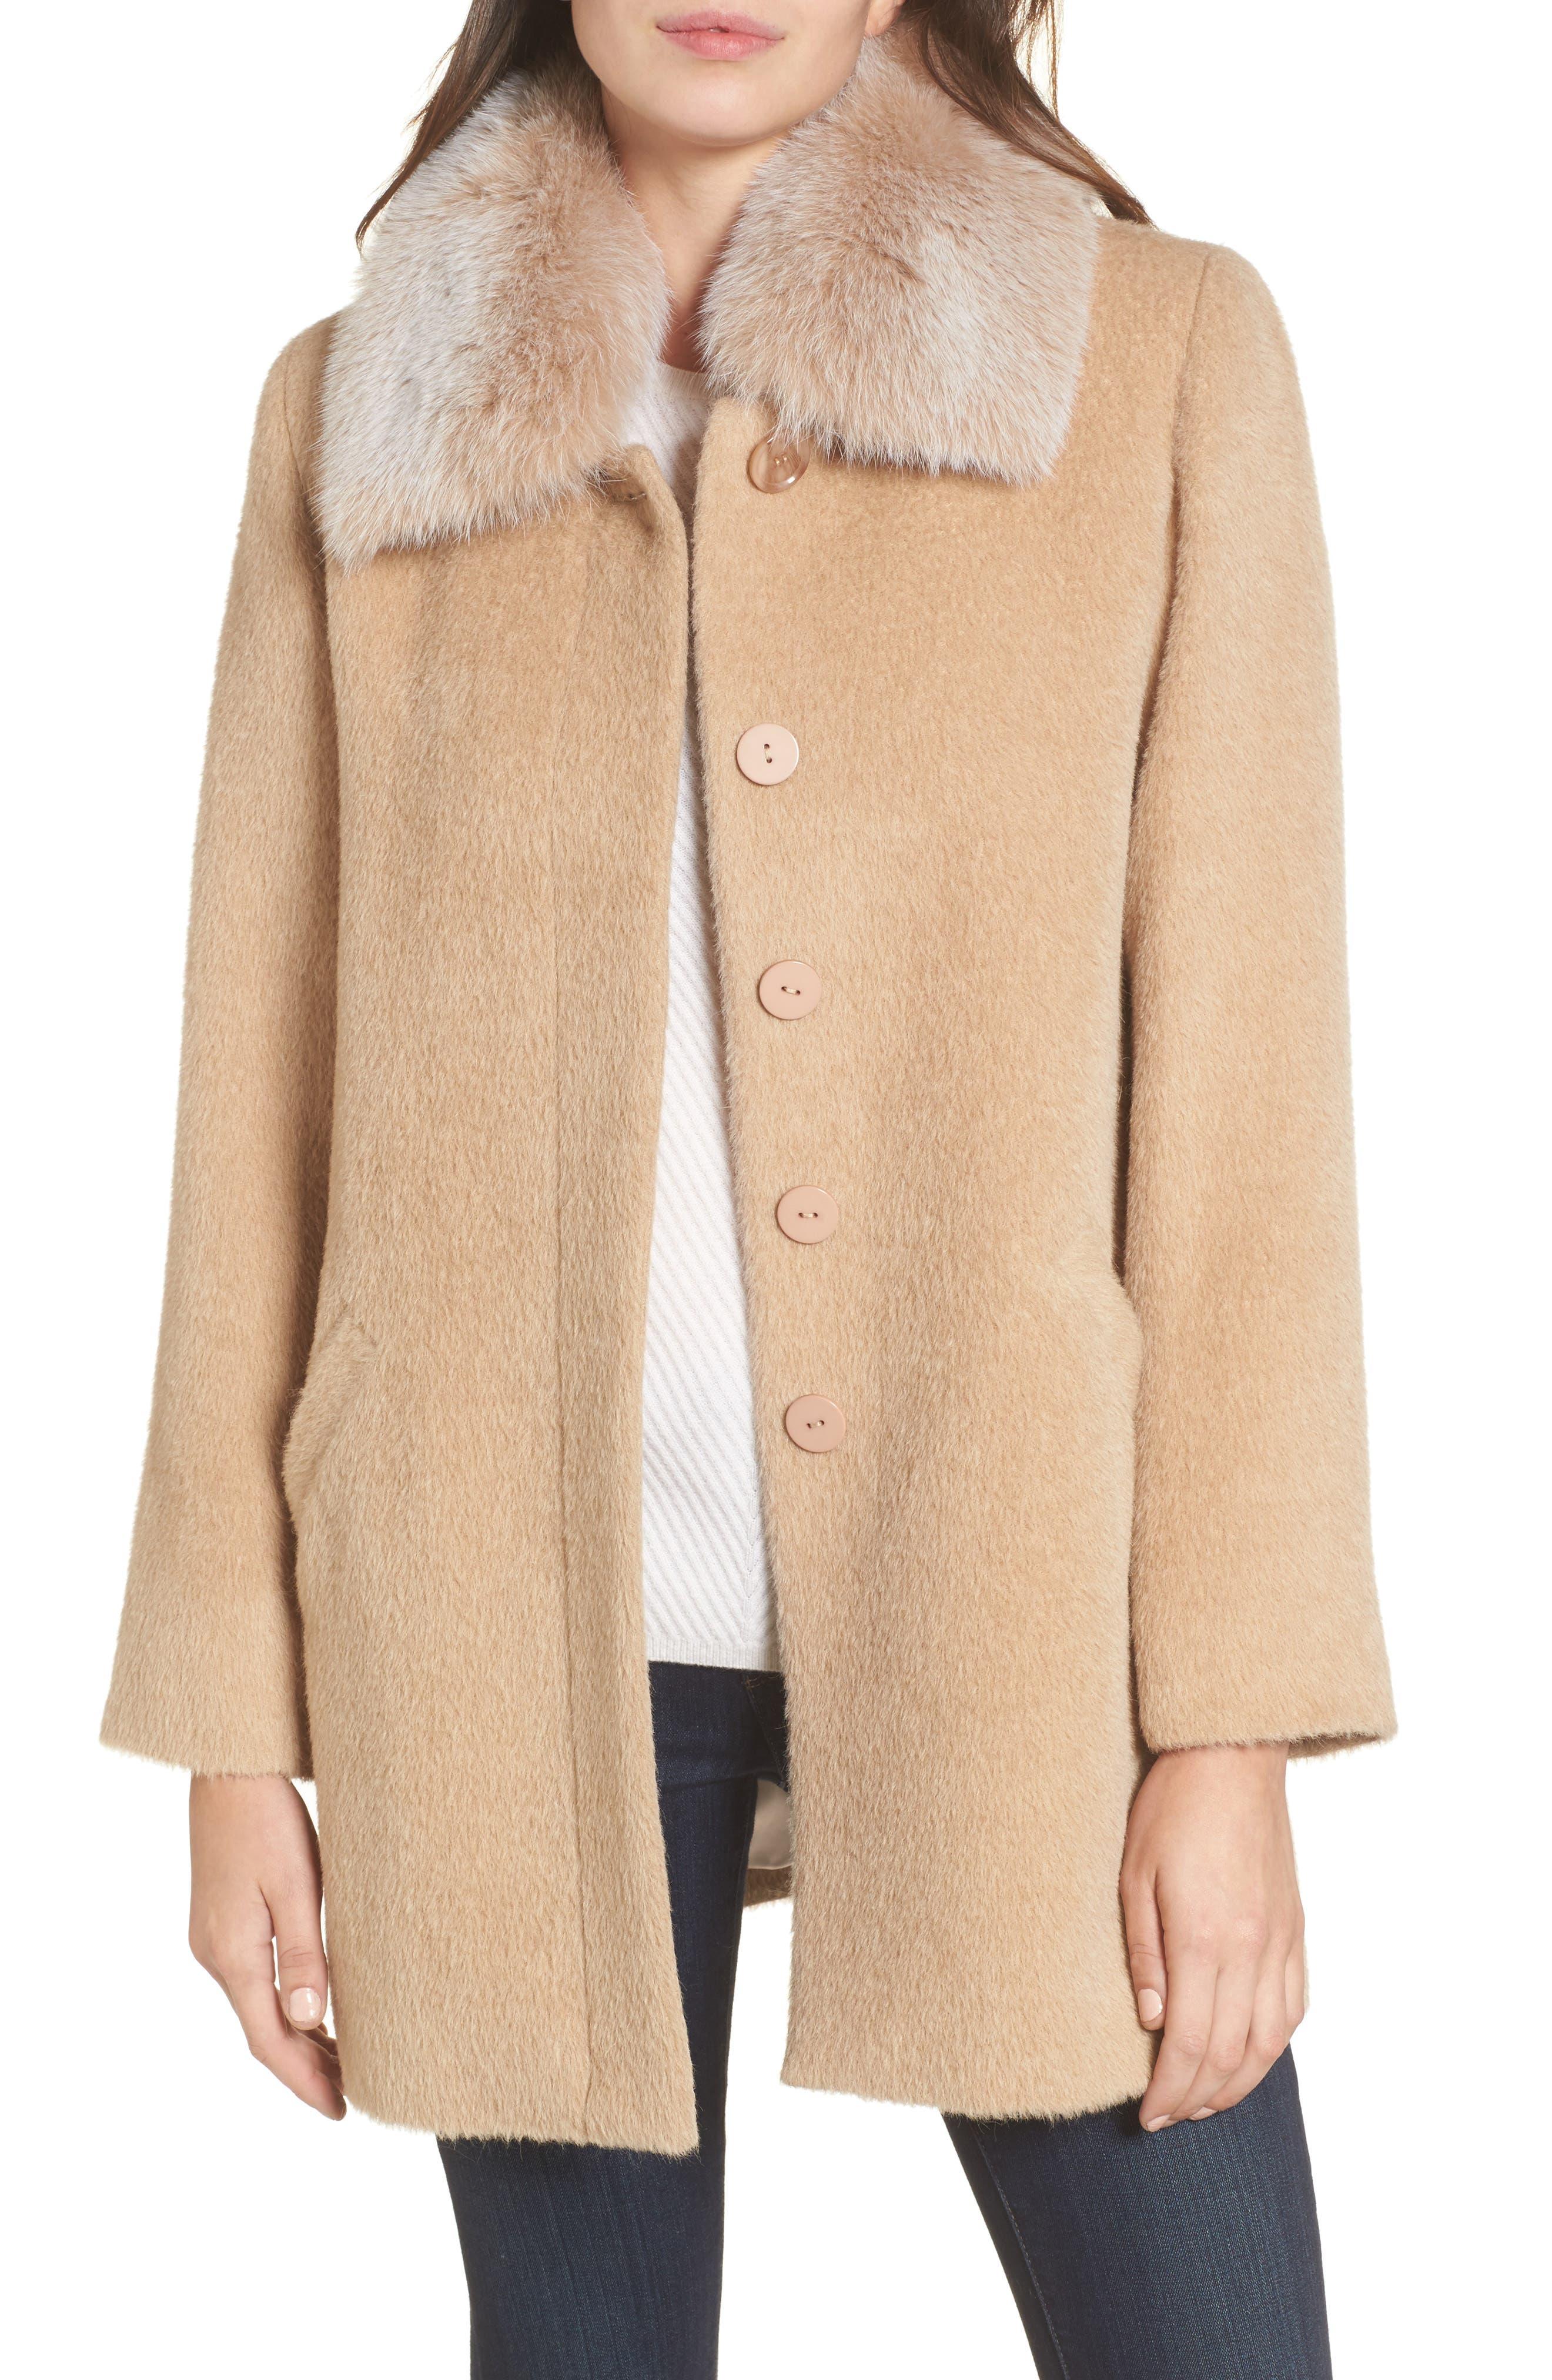 Sofia Cashmere Wool & Alpaca Car Coat with Genuine Fox Fur Club Collar